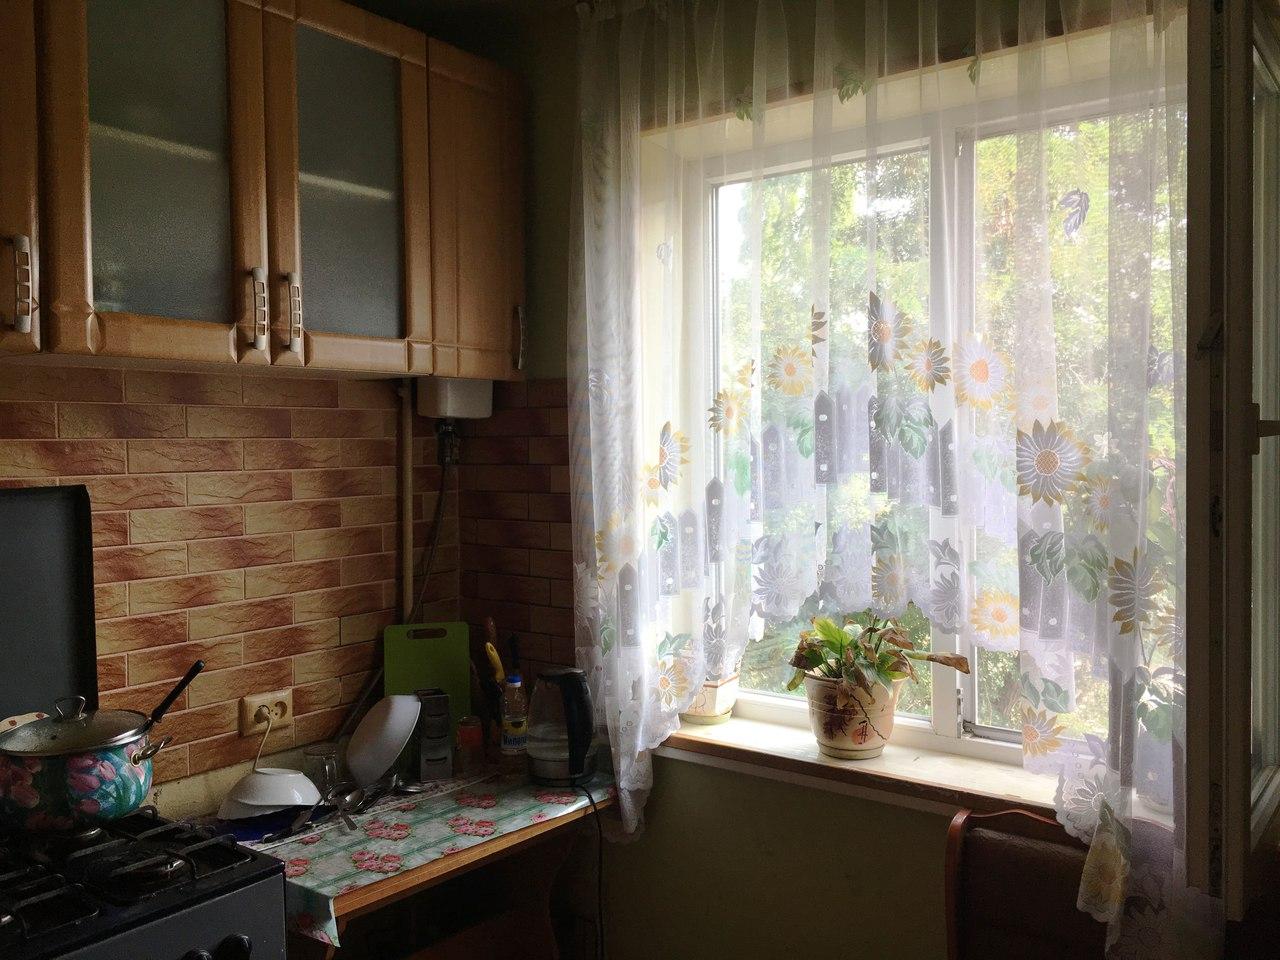 Продается 3-комнатная квартира на Вокзальном шоссе